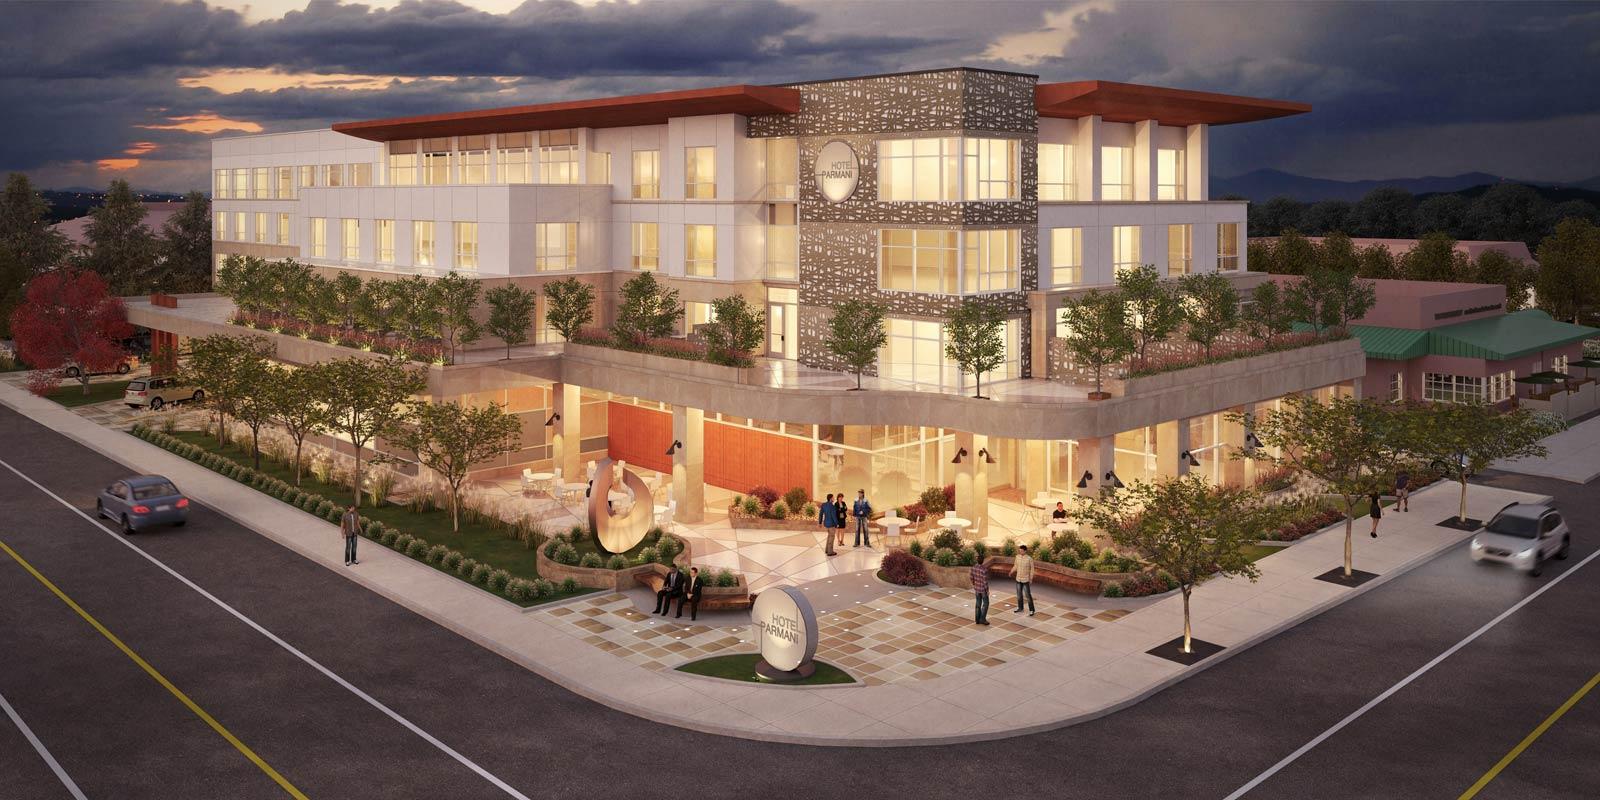 Hotel Parmani Palo Alto, CA